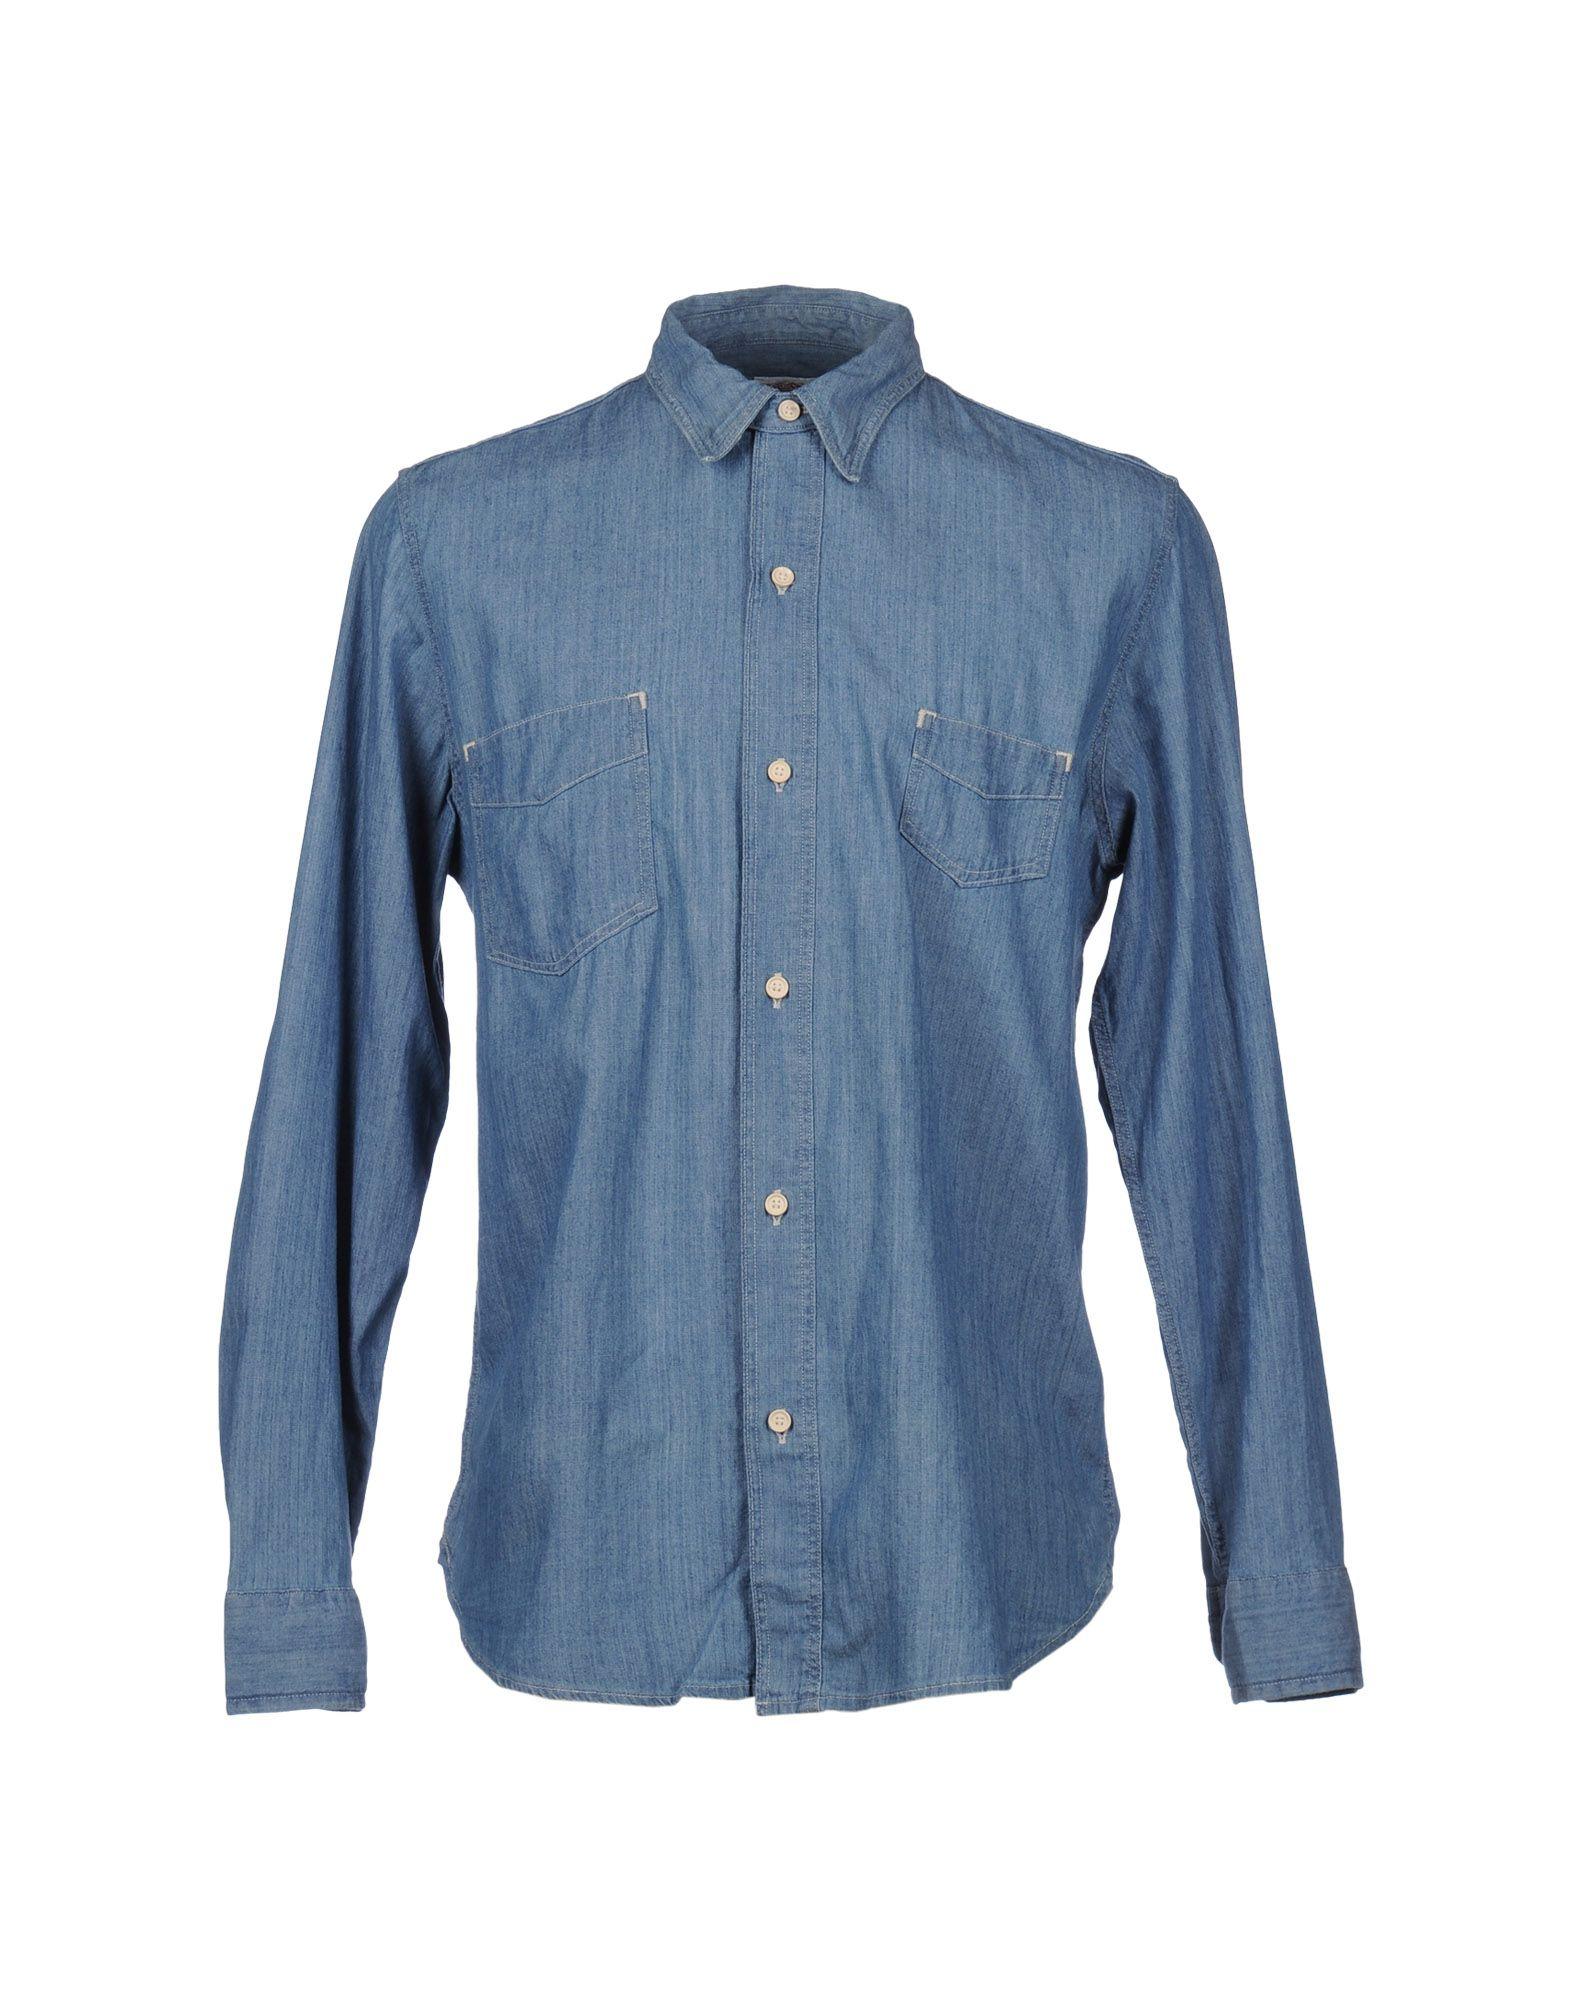 levi 39 s denim shirt in blue for men lyst. Black Bedroom Furniture Sets. Home Design Ideas